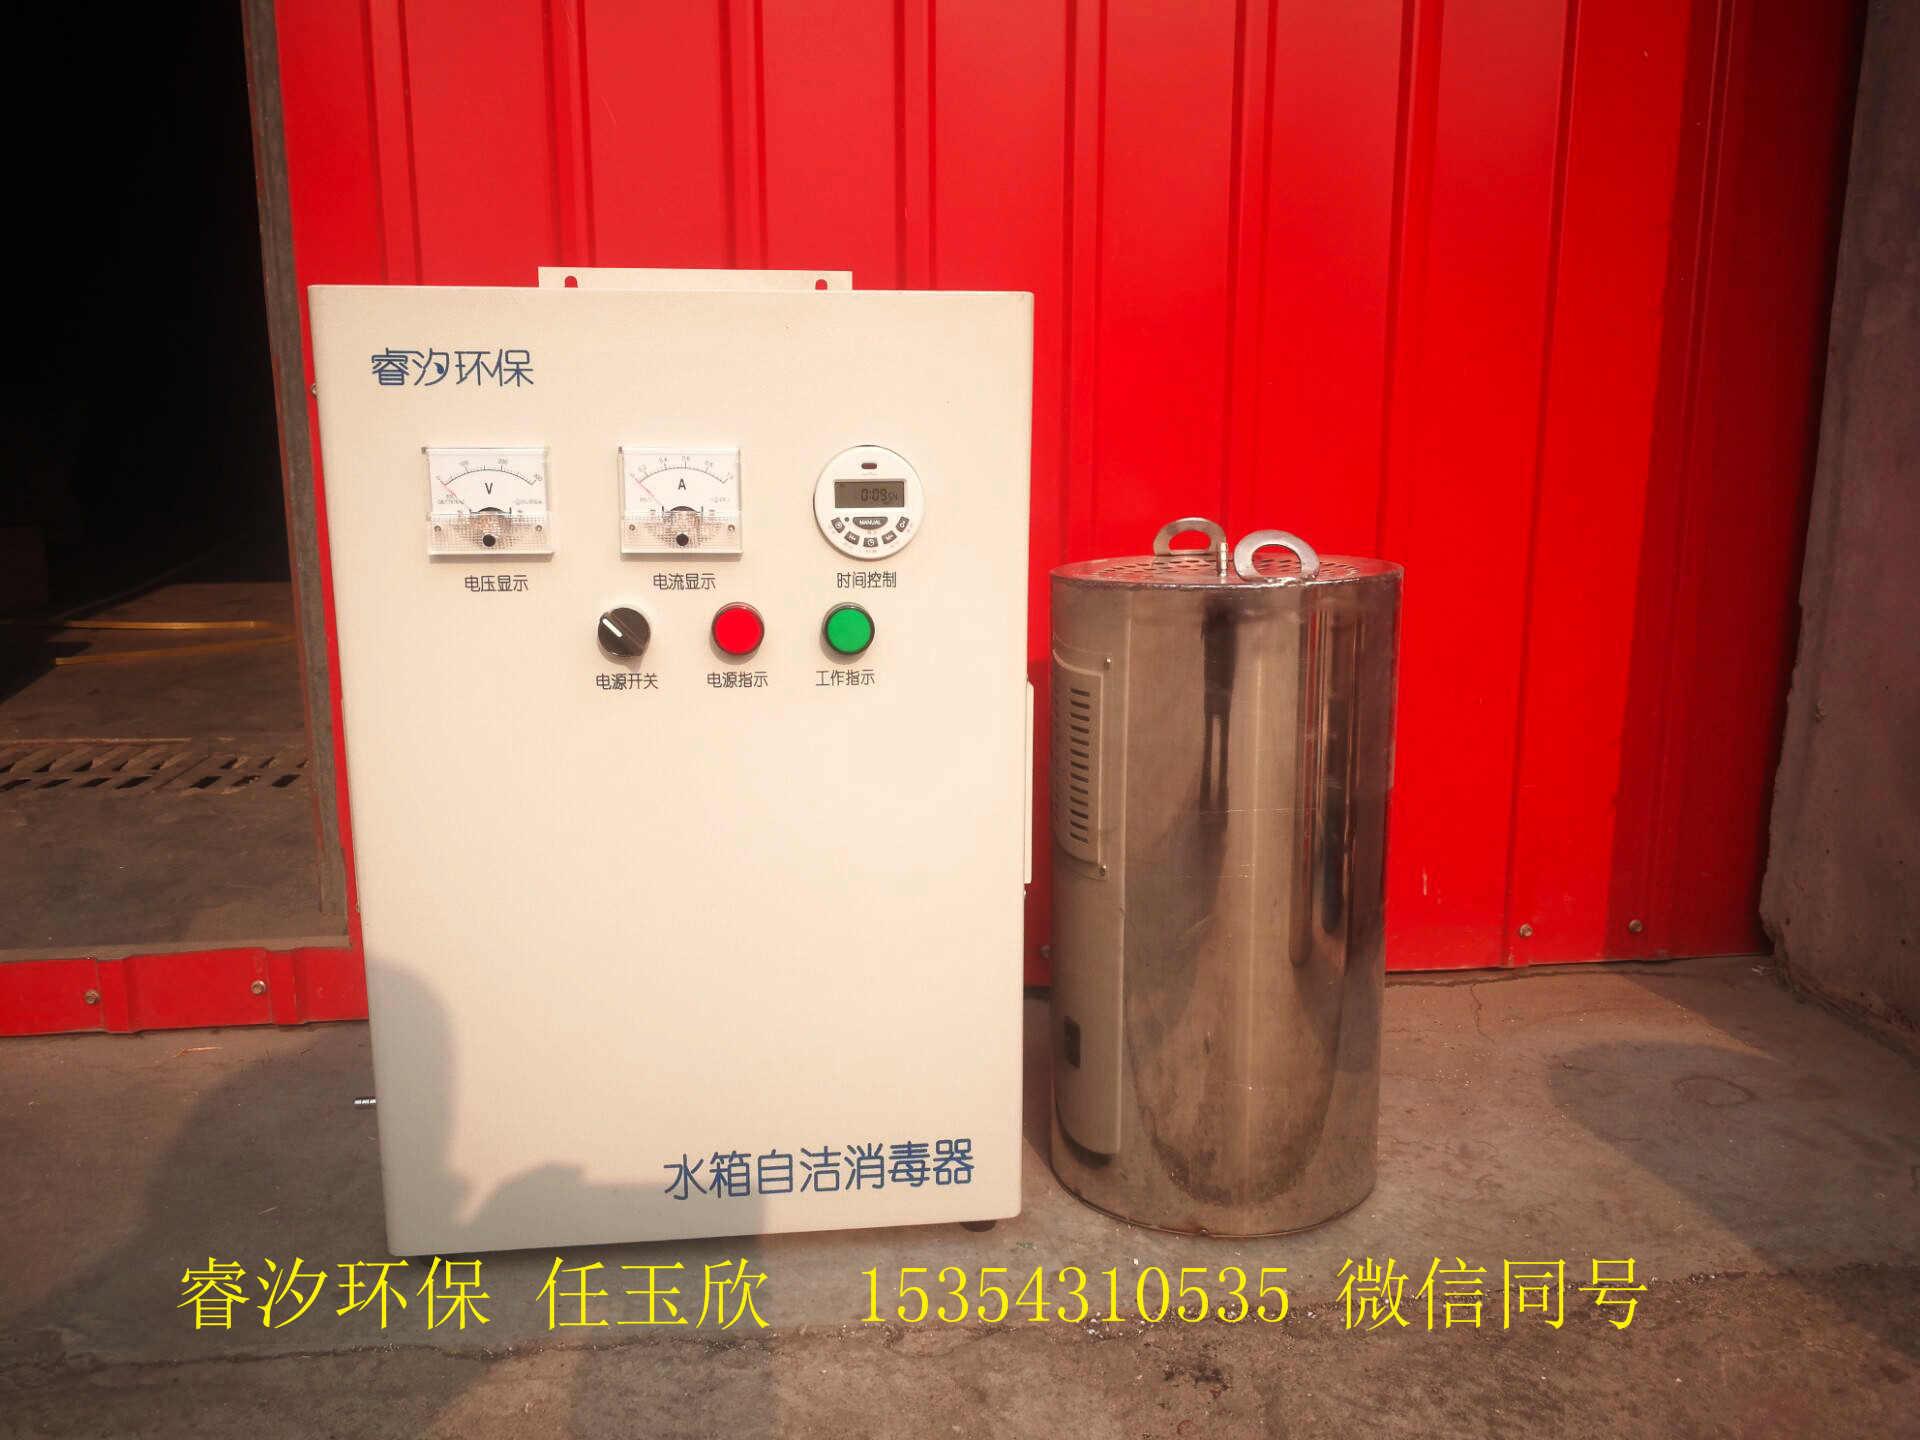 重庆水箱自洁消毒器厂家直销